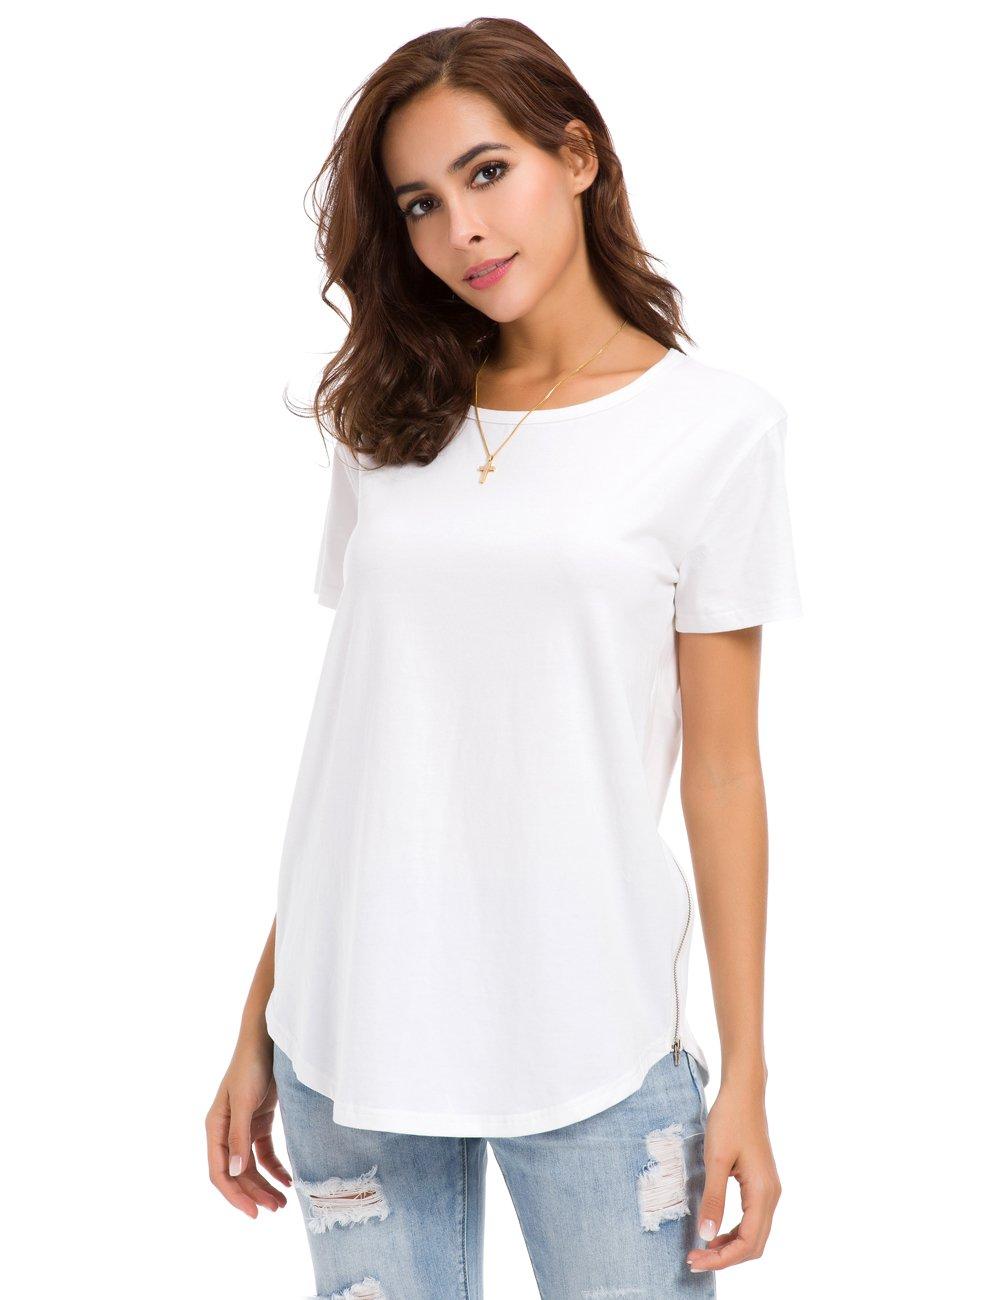 MOQUEEN Women New Style With zipper Adjust Size Long Shirt D251 (M, White)